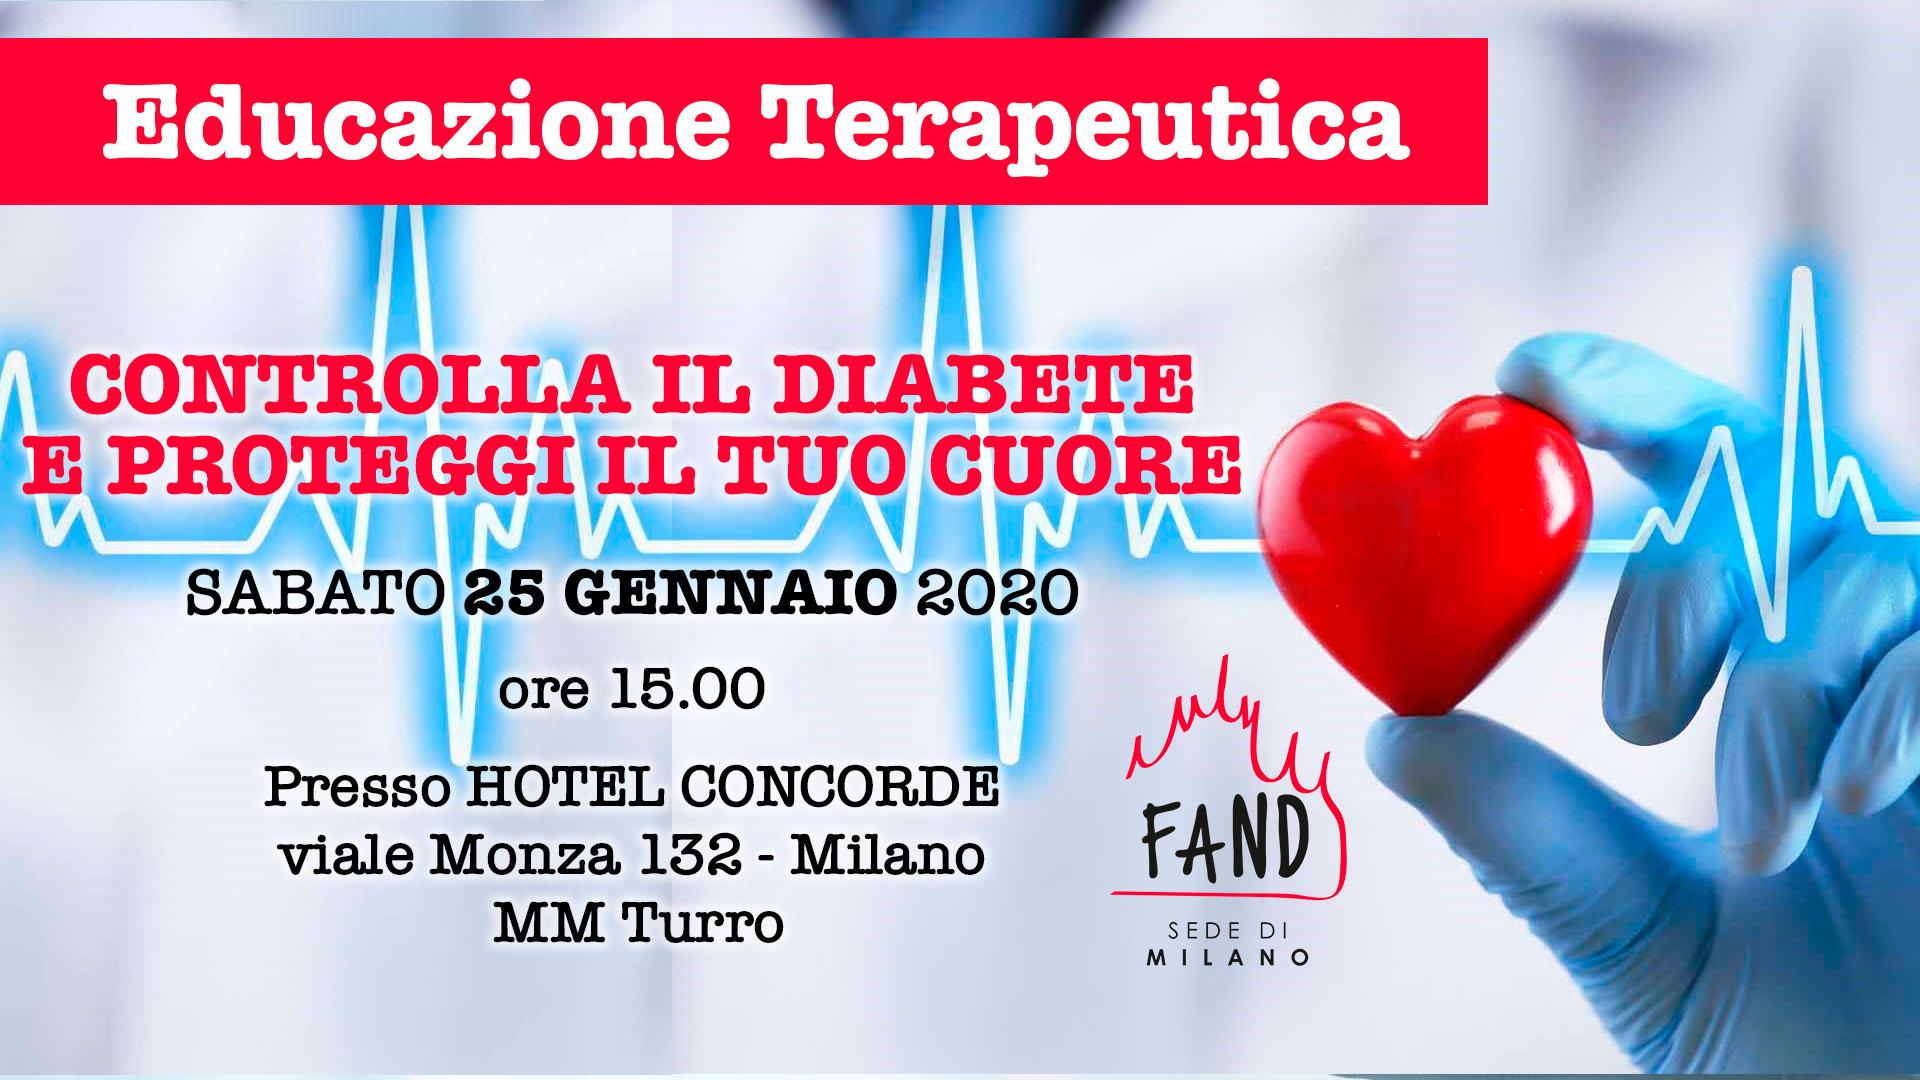 25 GEN 2020 - Incontro di Educazione Terapeutica - Controlla il Diabete e proteggi il tuo cuore